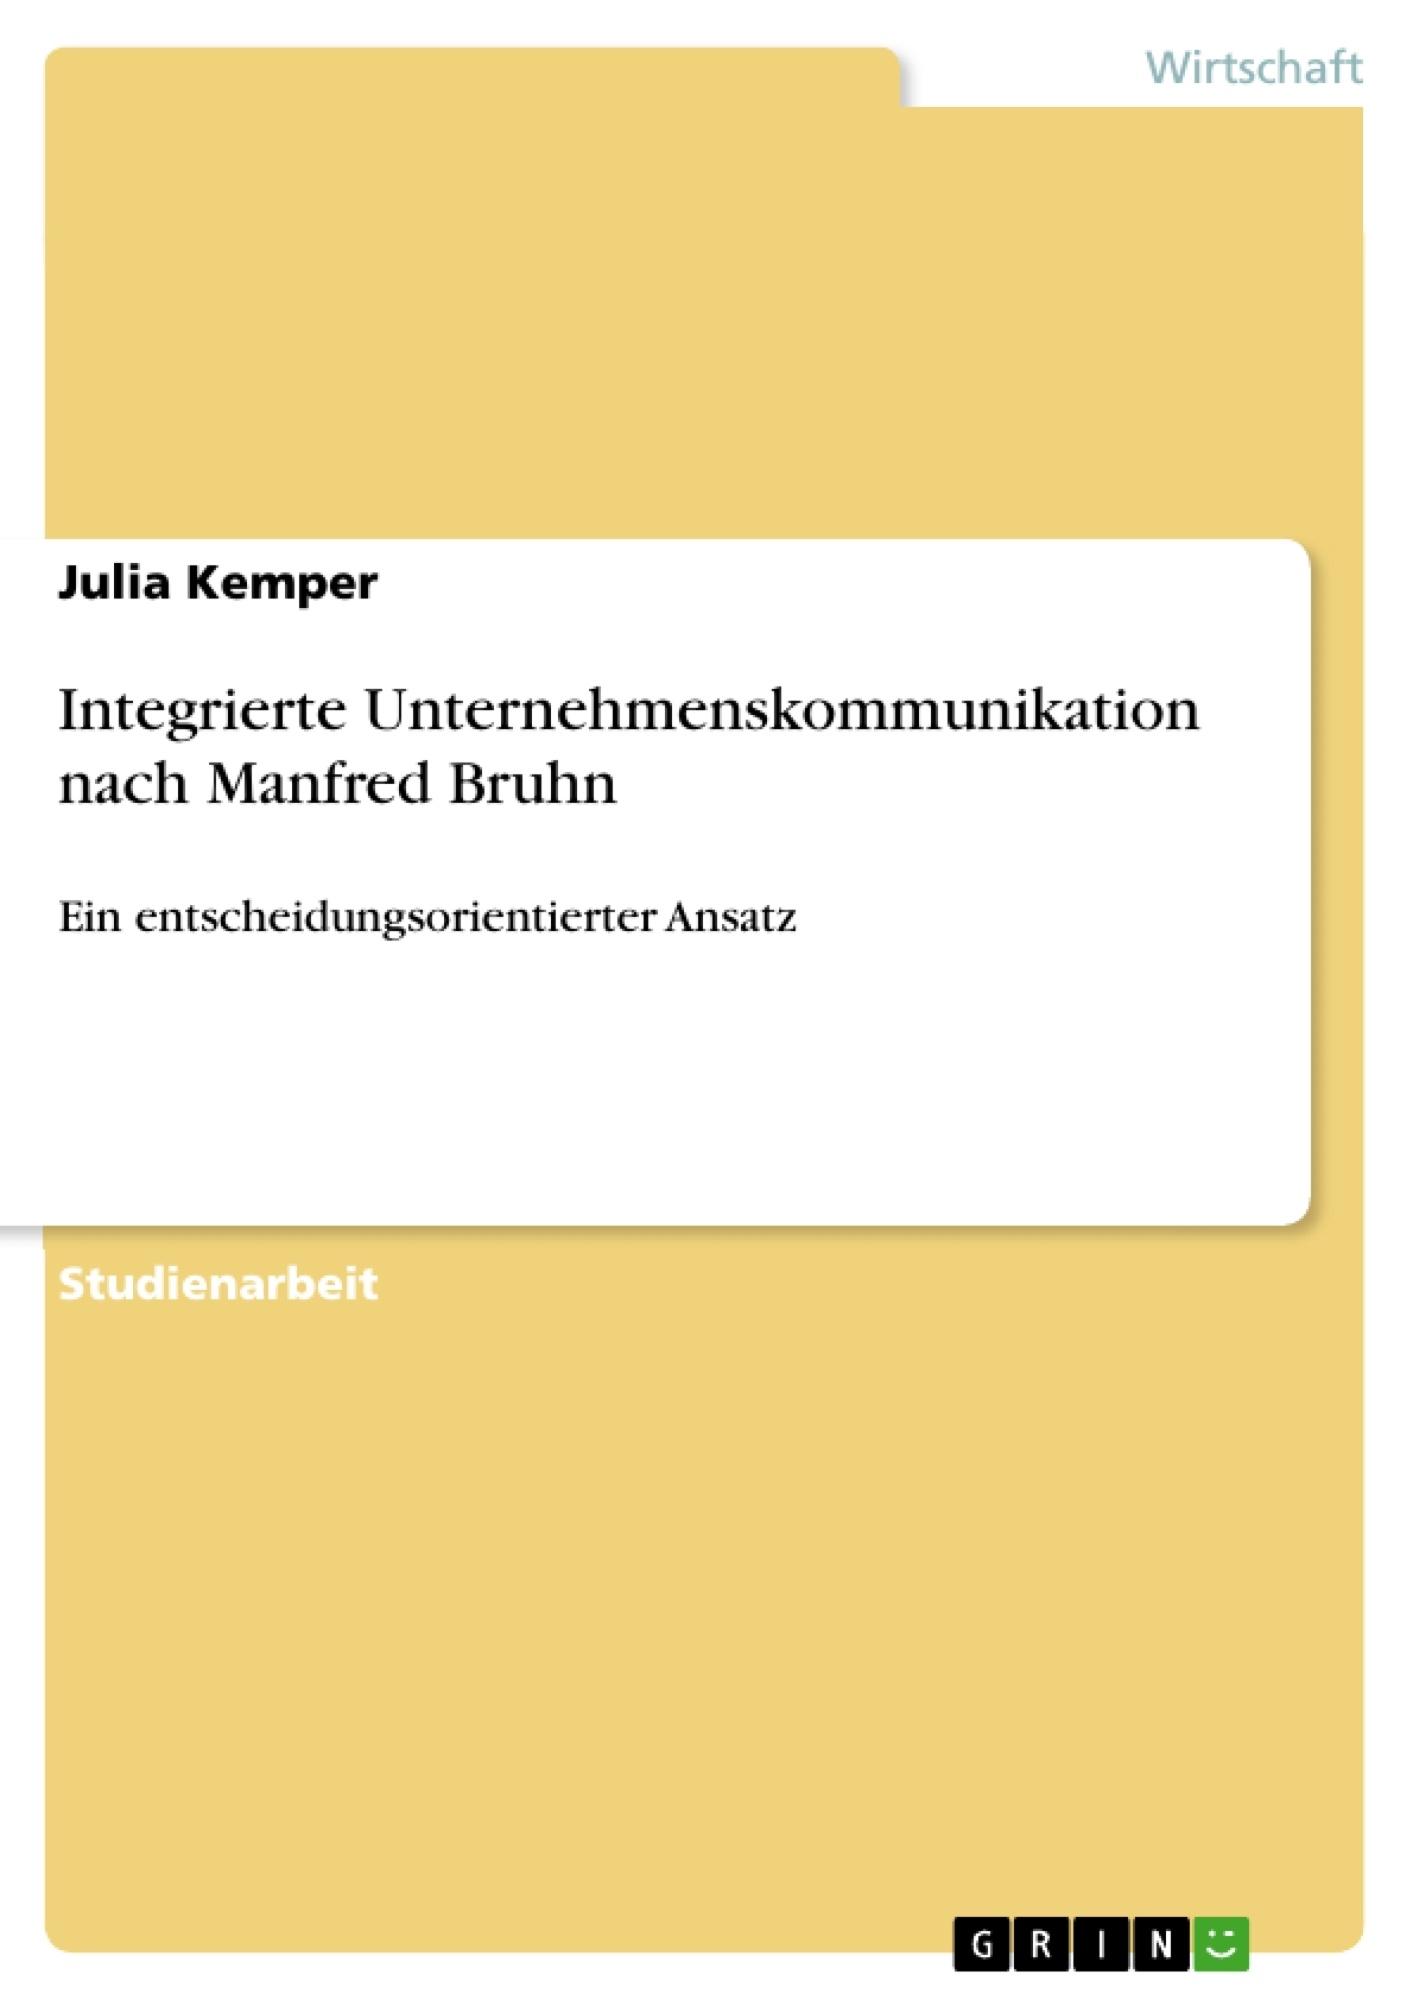 Titel: Integrierte Unternehmenskommunikation nach Manfred Bruhn